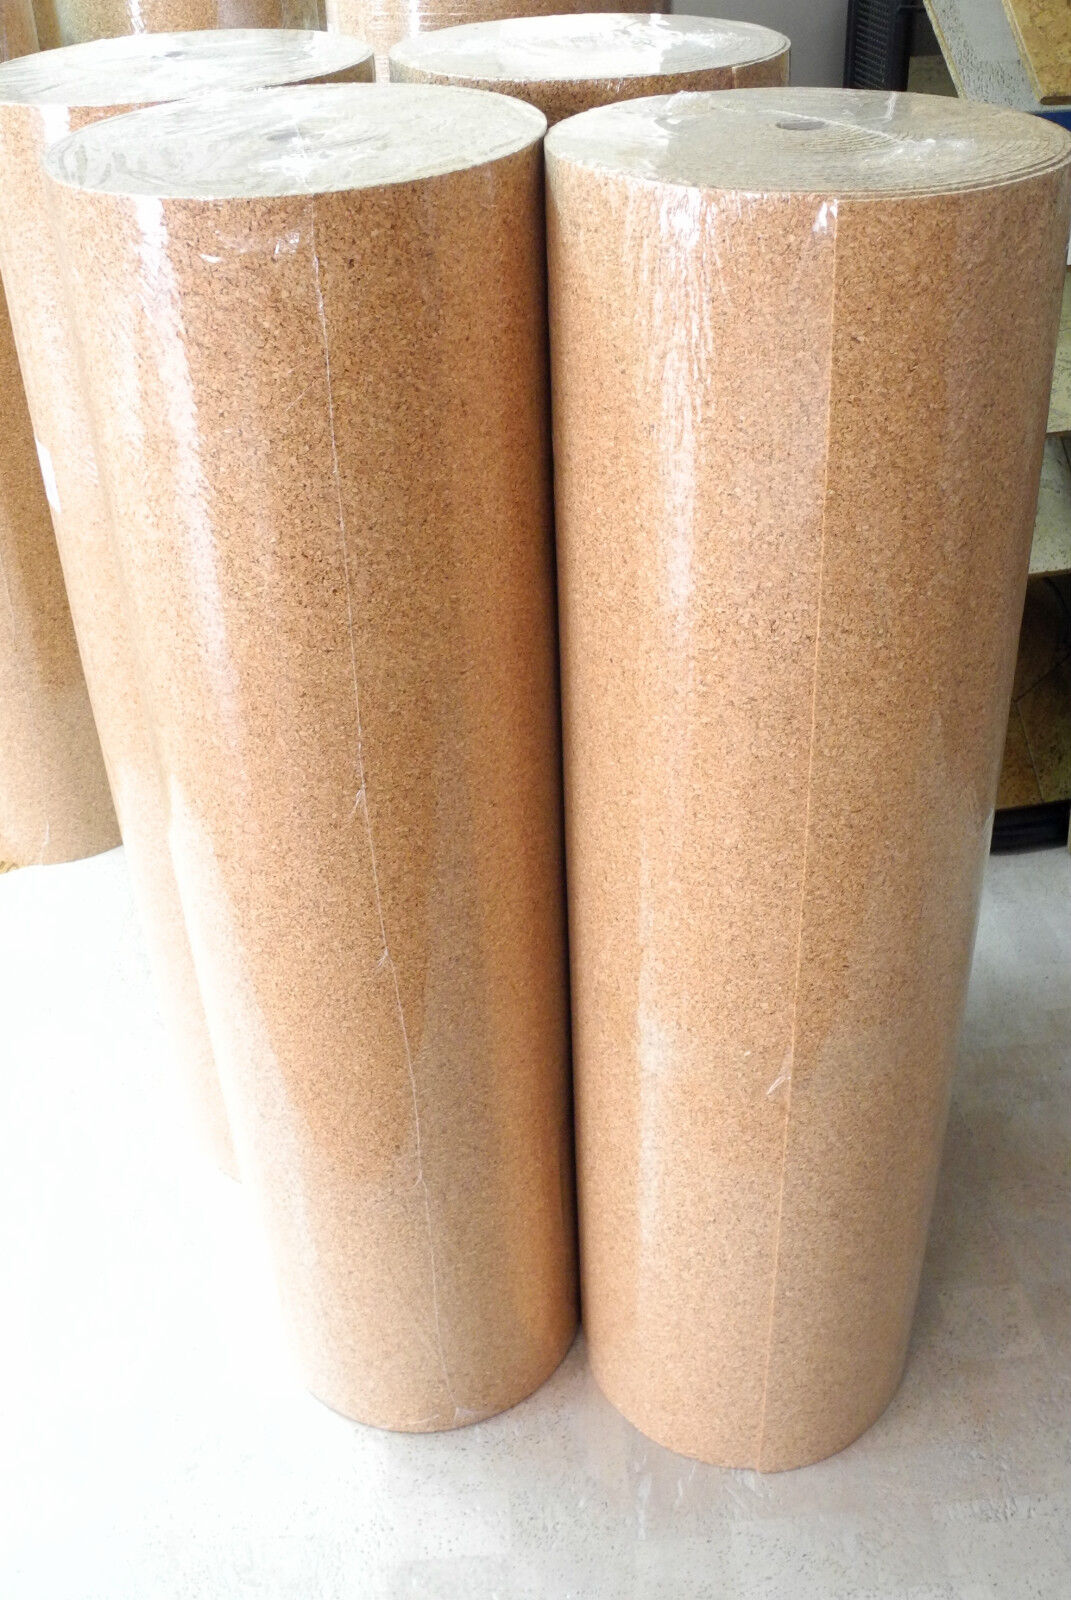 20 m² Trittschalldämmung, Kork  3 mm für Holz-Parkett und Laminat TOP Qualität